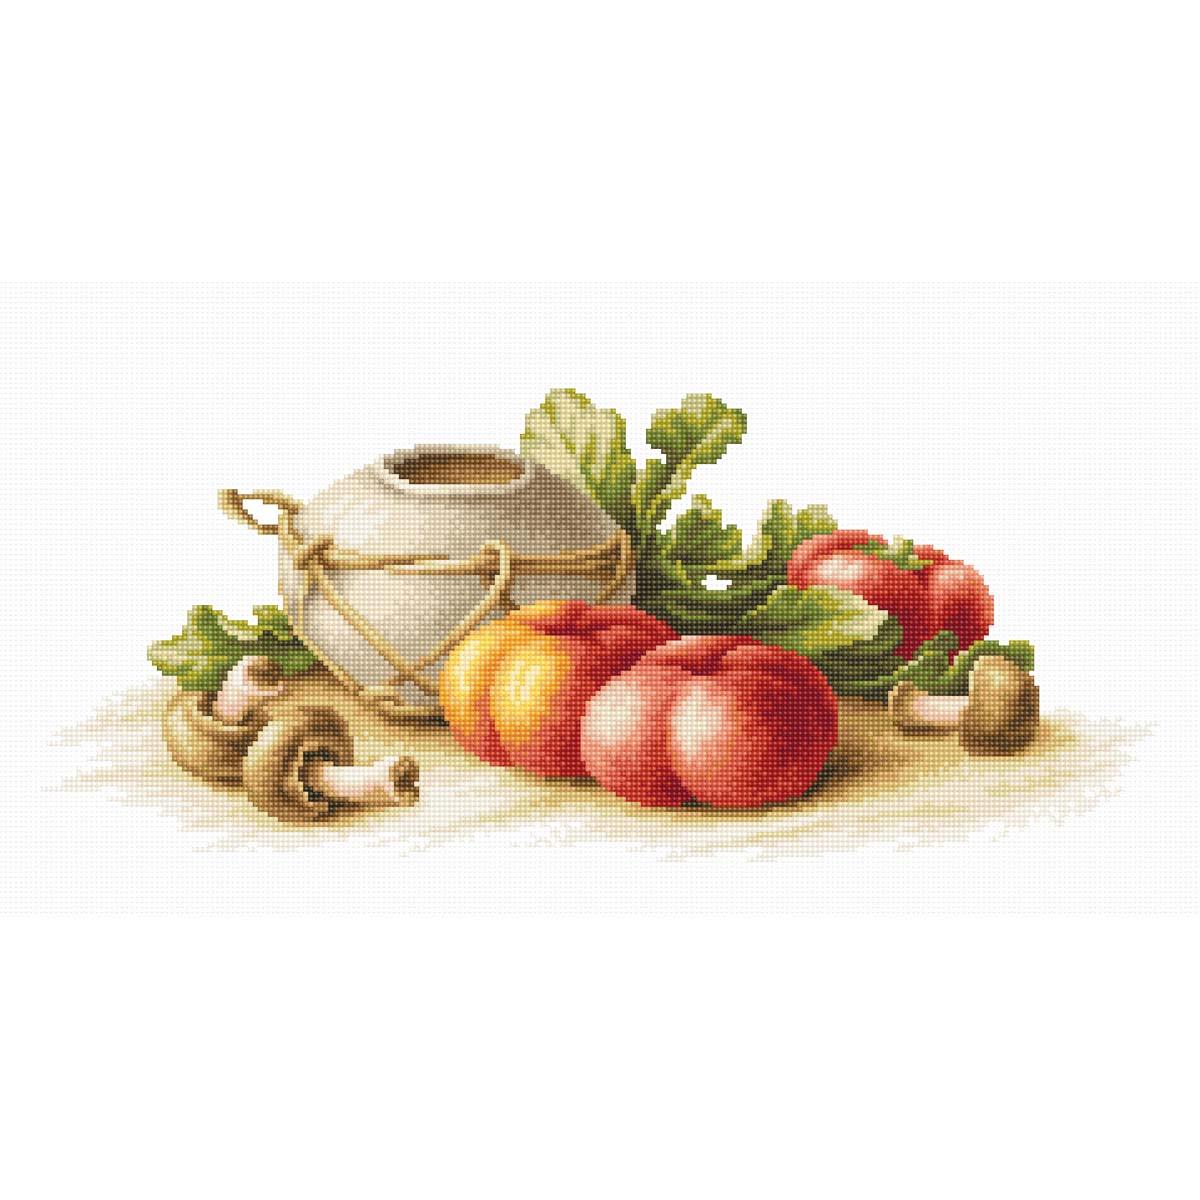 B2249 Набор для вышивания 'Натюрморт с овощами' 40,5*17см, Luca-S